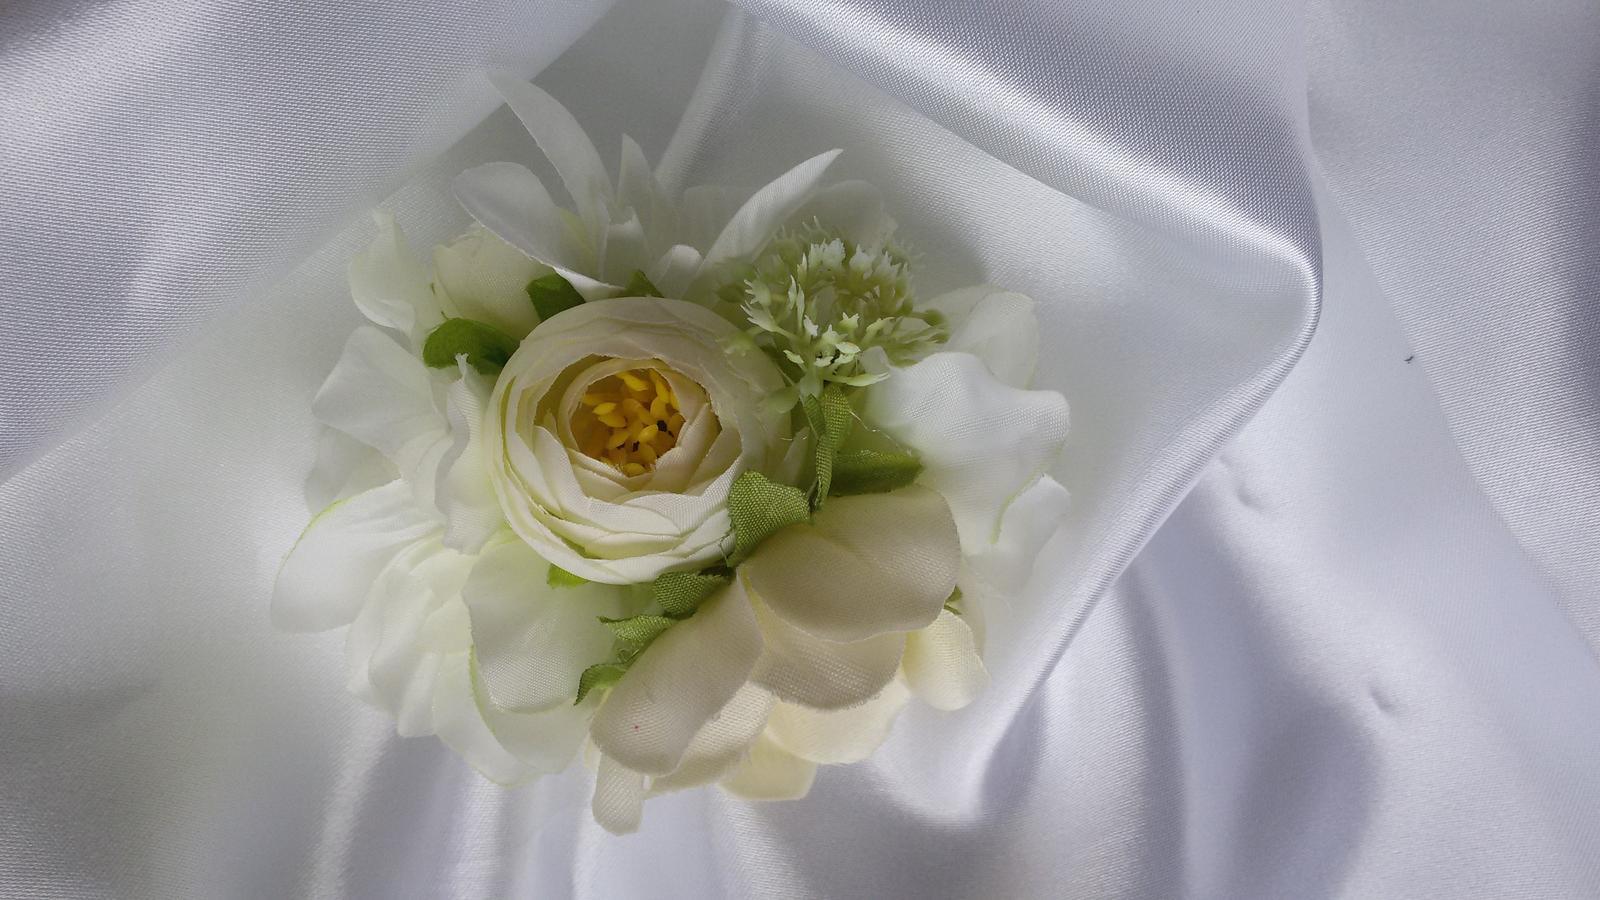 Skřipeček do vlasů s květinou - Obrázek č. 4